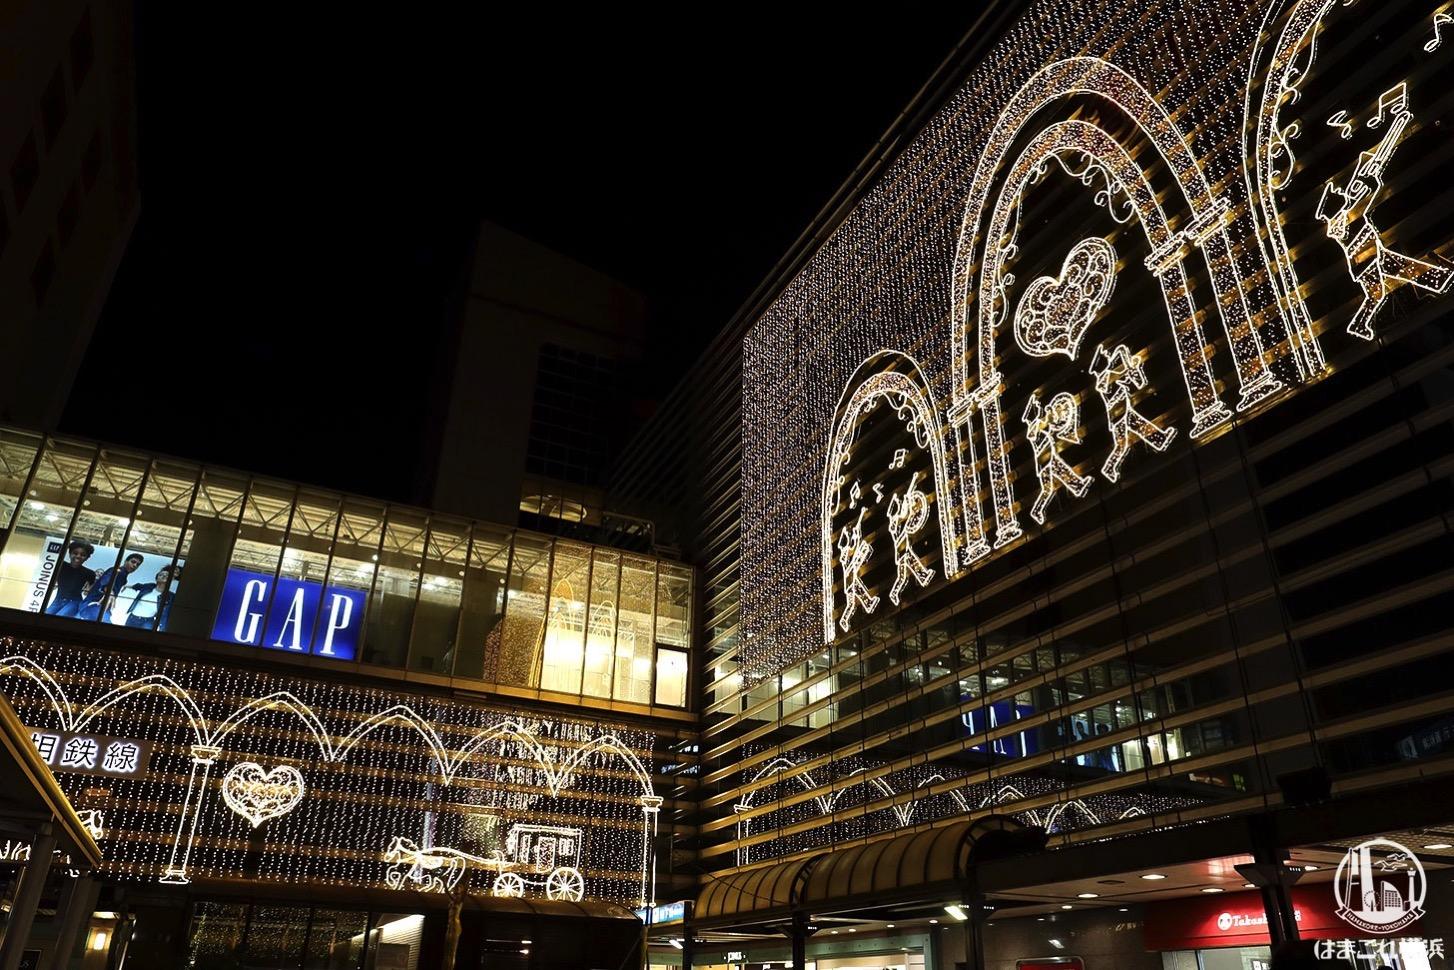 横浜駅西口イルミネーション 駅前